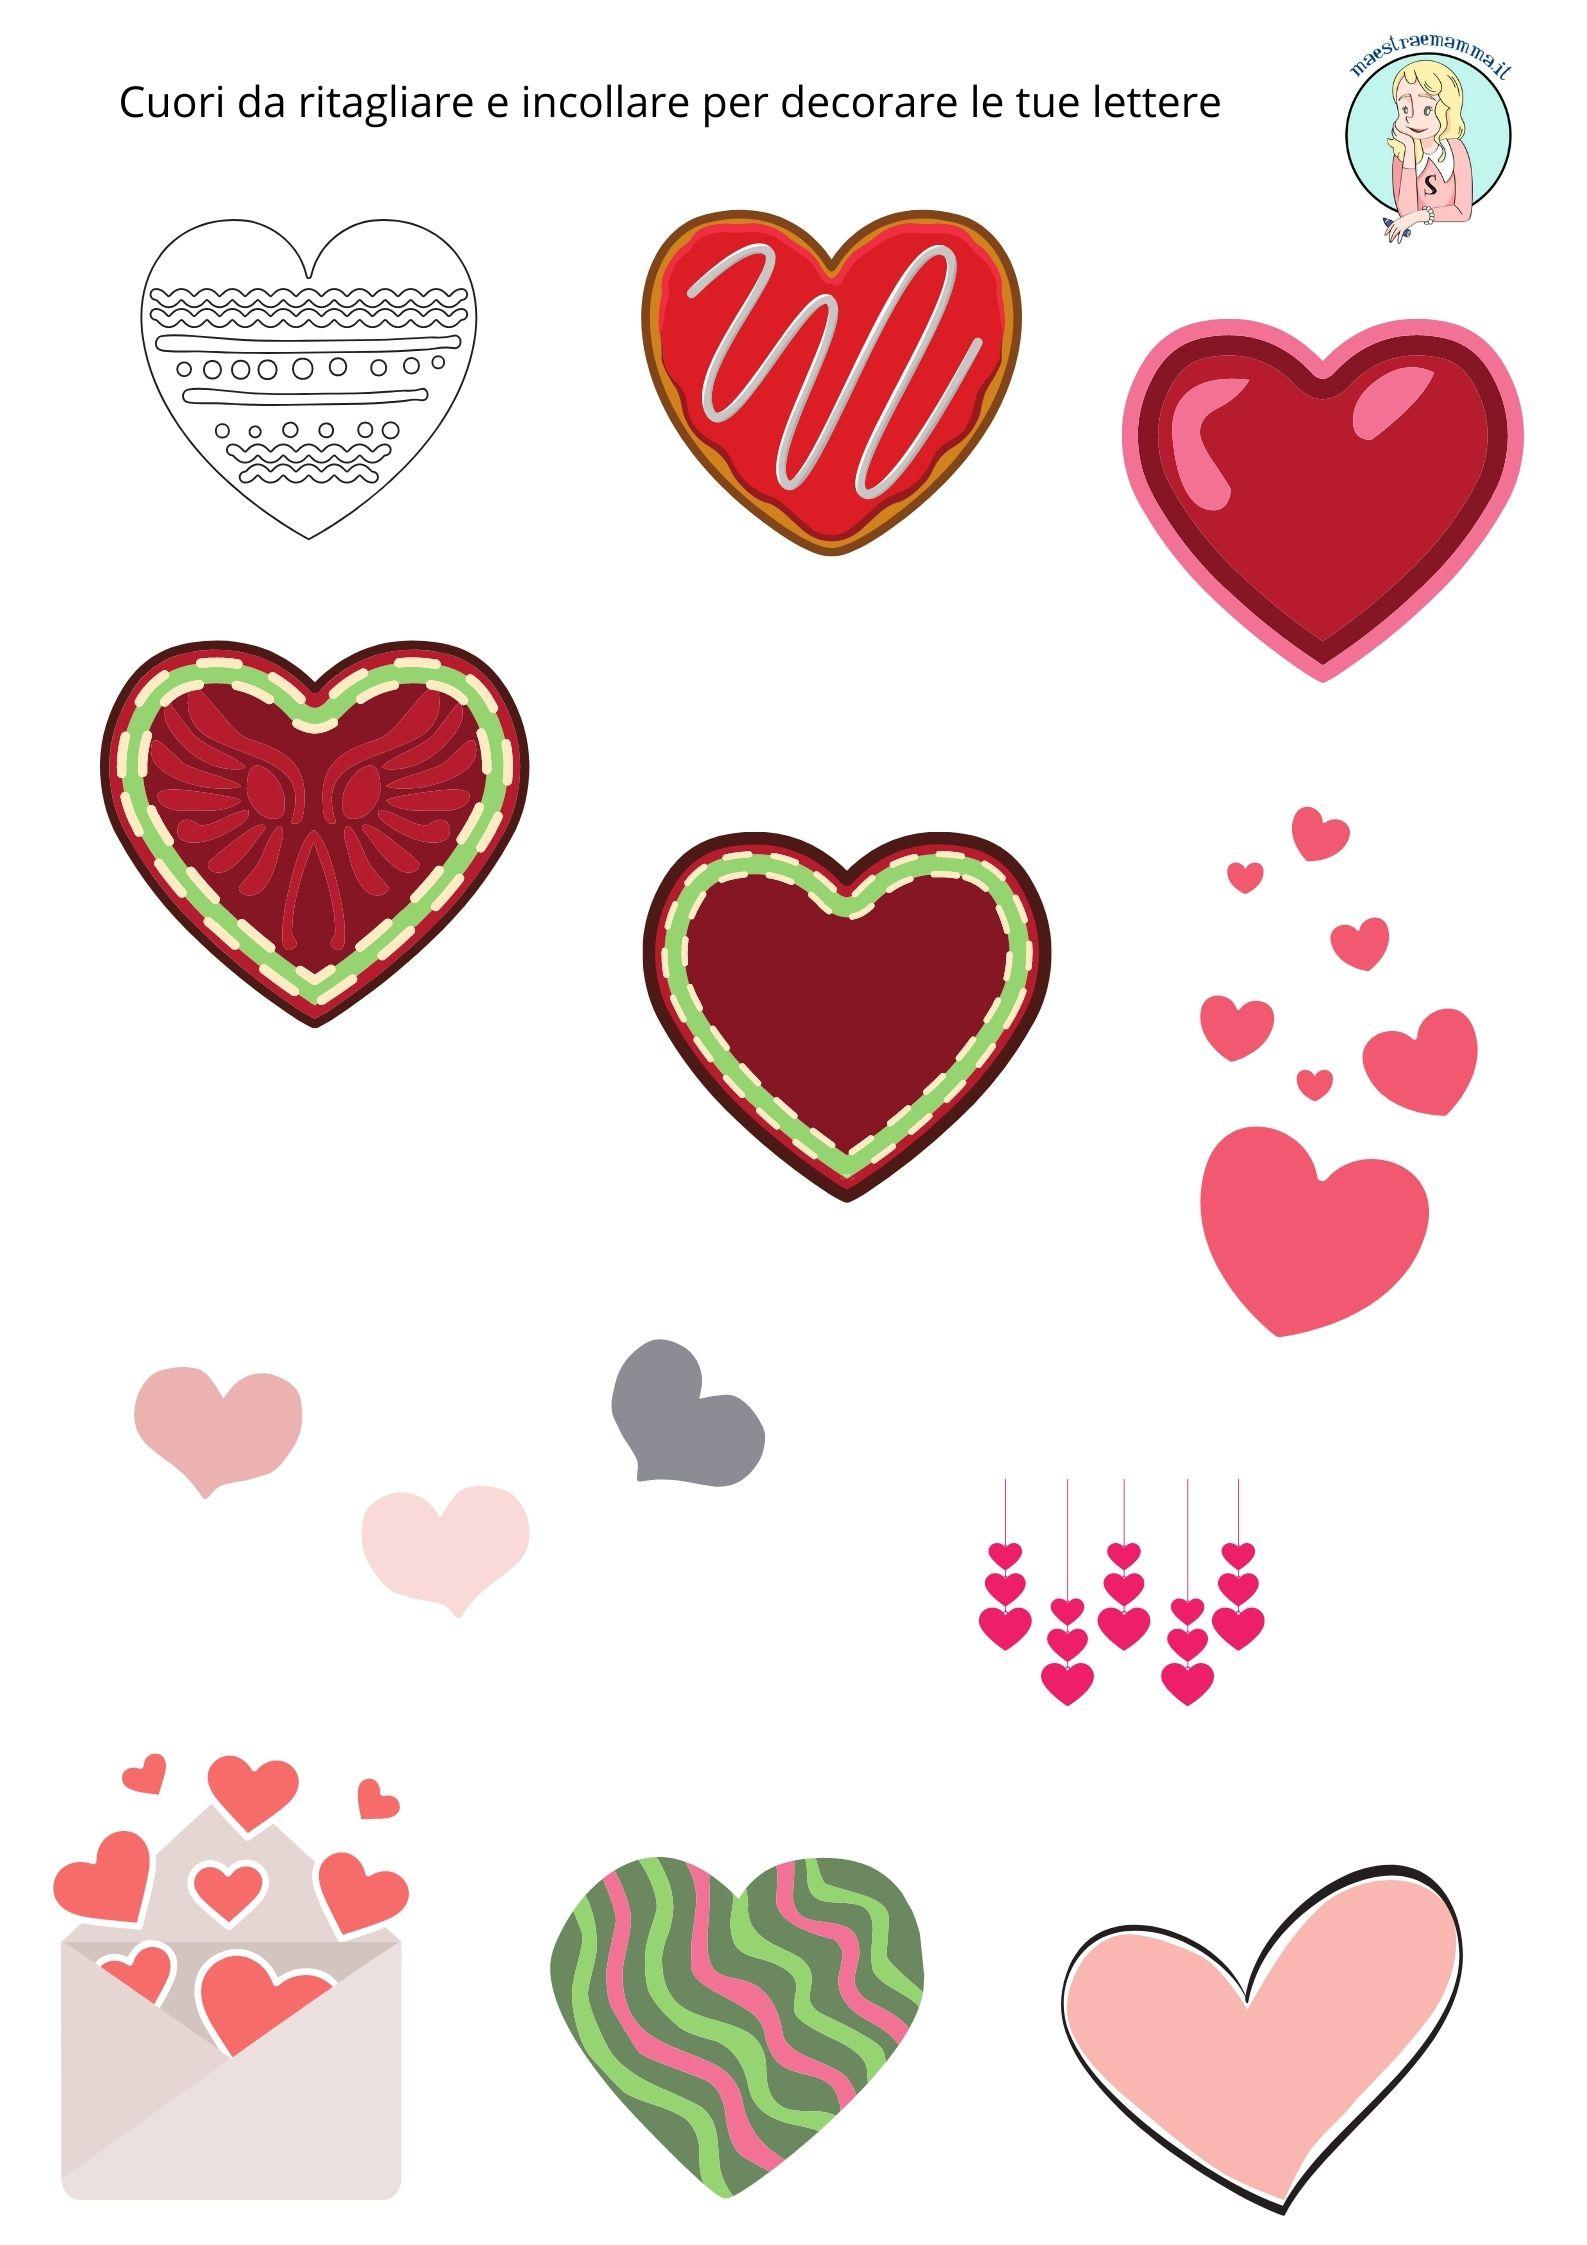 Cuori da ritagliare e incollare per decorare le tue lettere